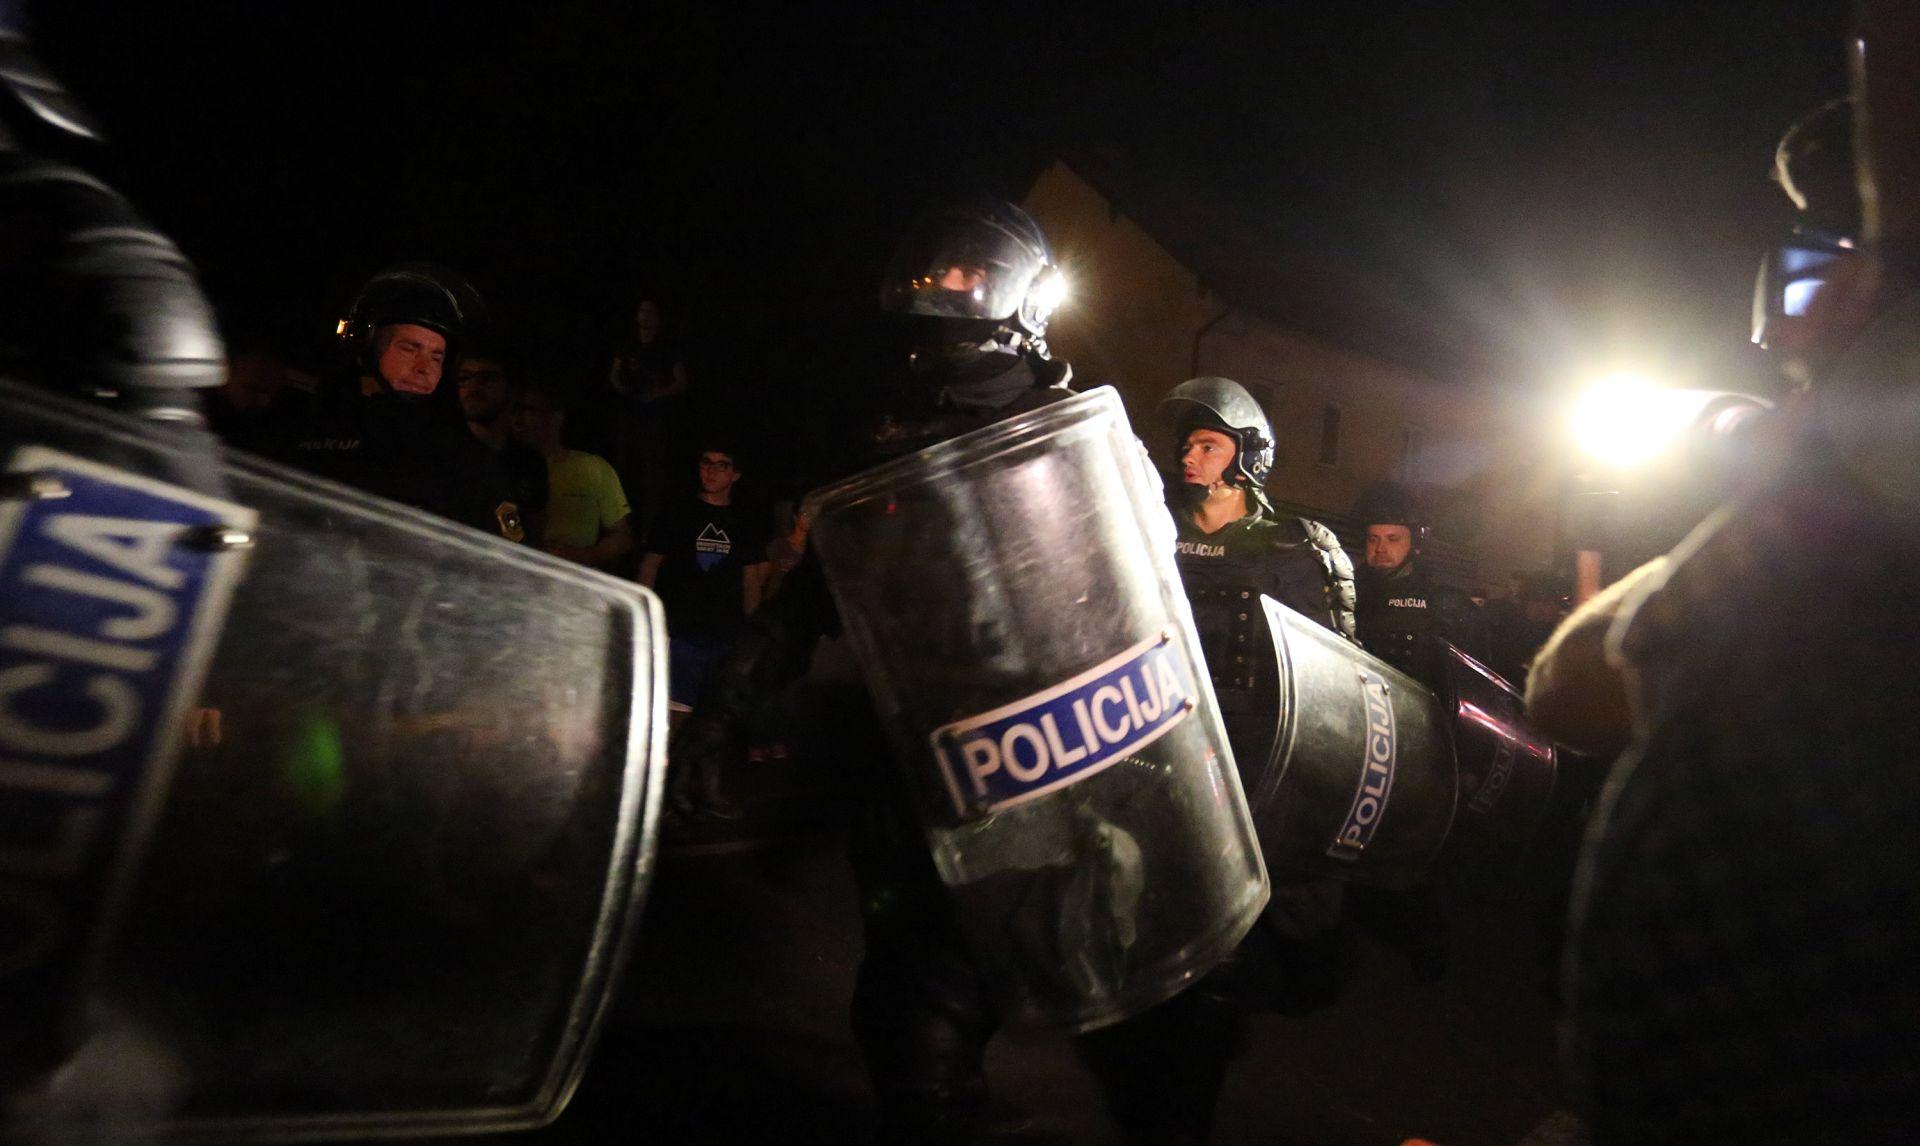 PRIPREMA ZA OBRANU JUŽNE GRANICE? U Dubrovnik stiglo oko 160 interventnih policajaca